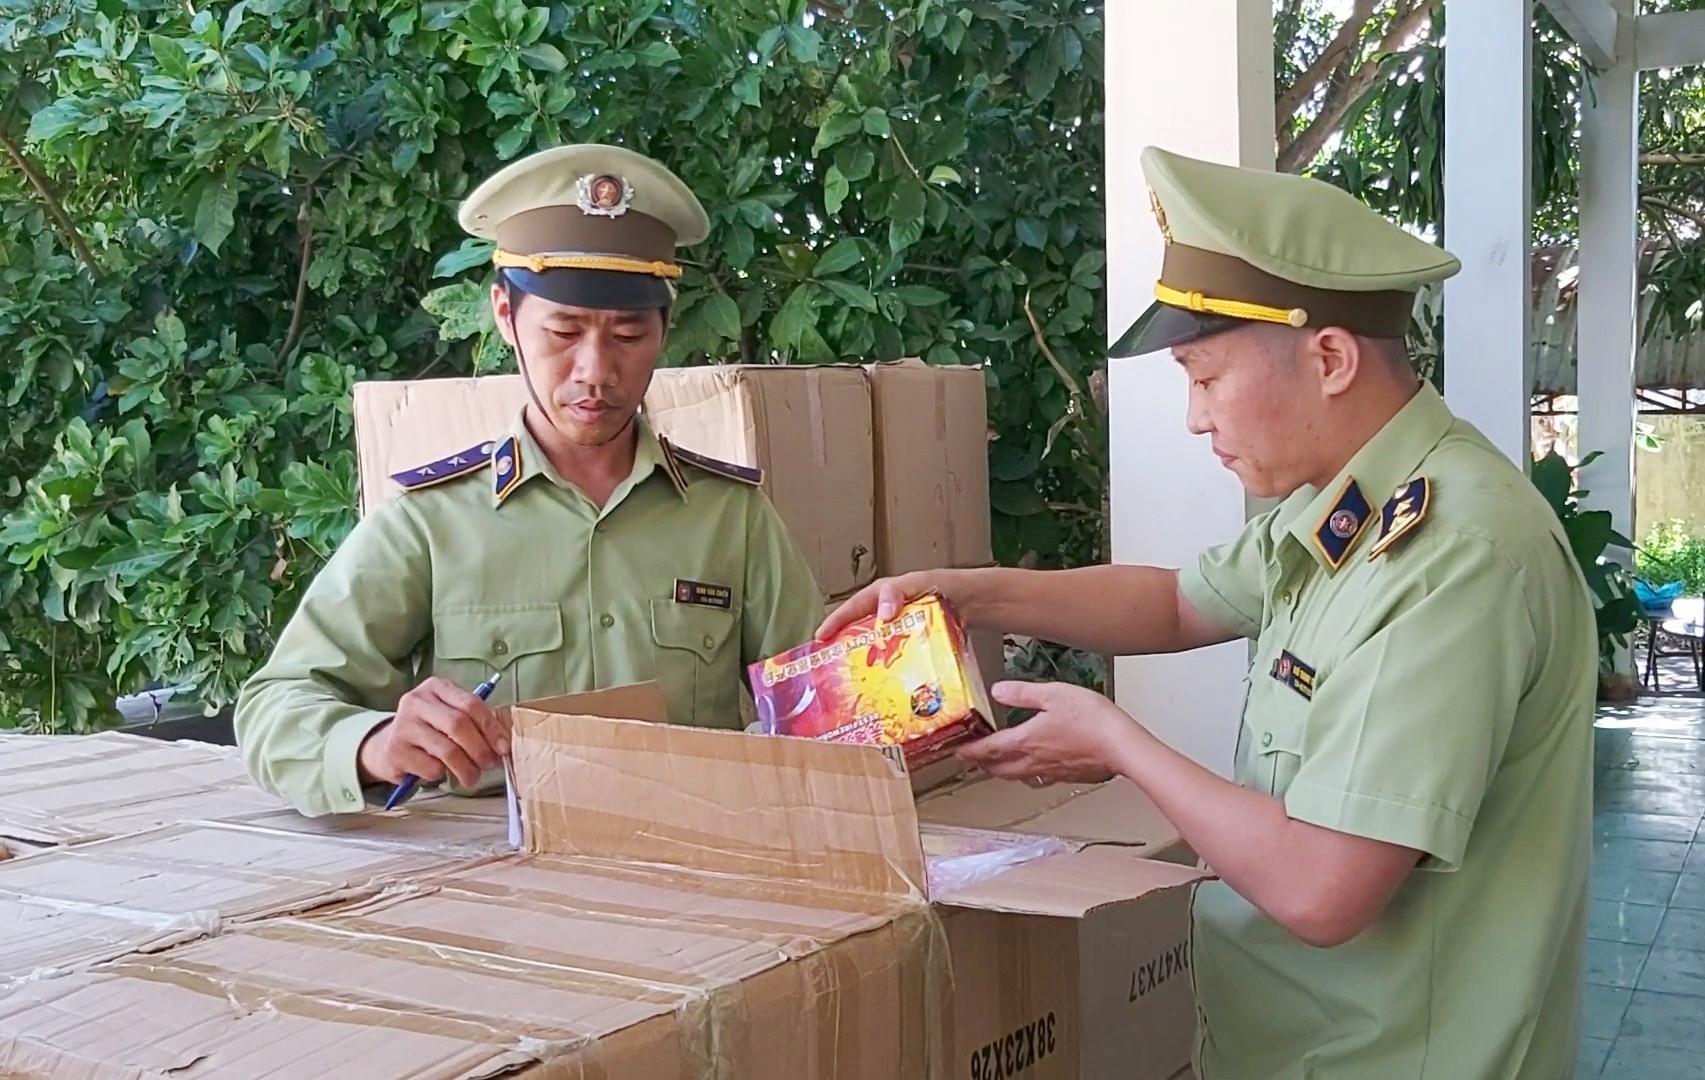 Lực lượng Quản lý thị trường Quảng Nam phát hiện hơn 800 kg pháo các loại không rõ nguồn gốc xuất xứ trên xe tải. Ảnh: THANH THẮNG